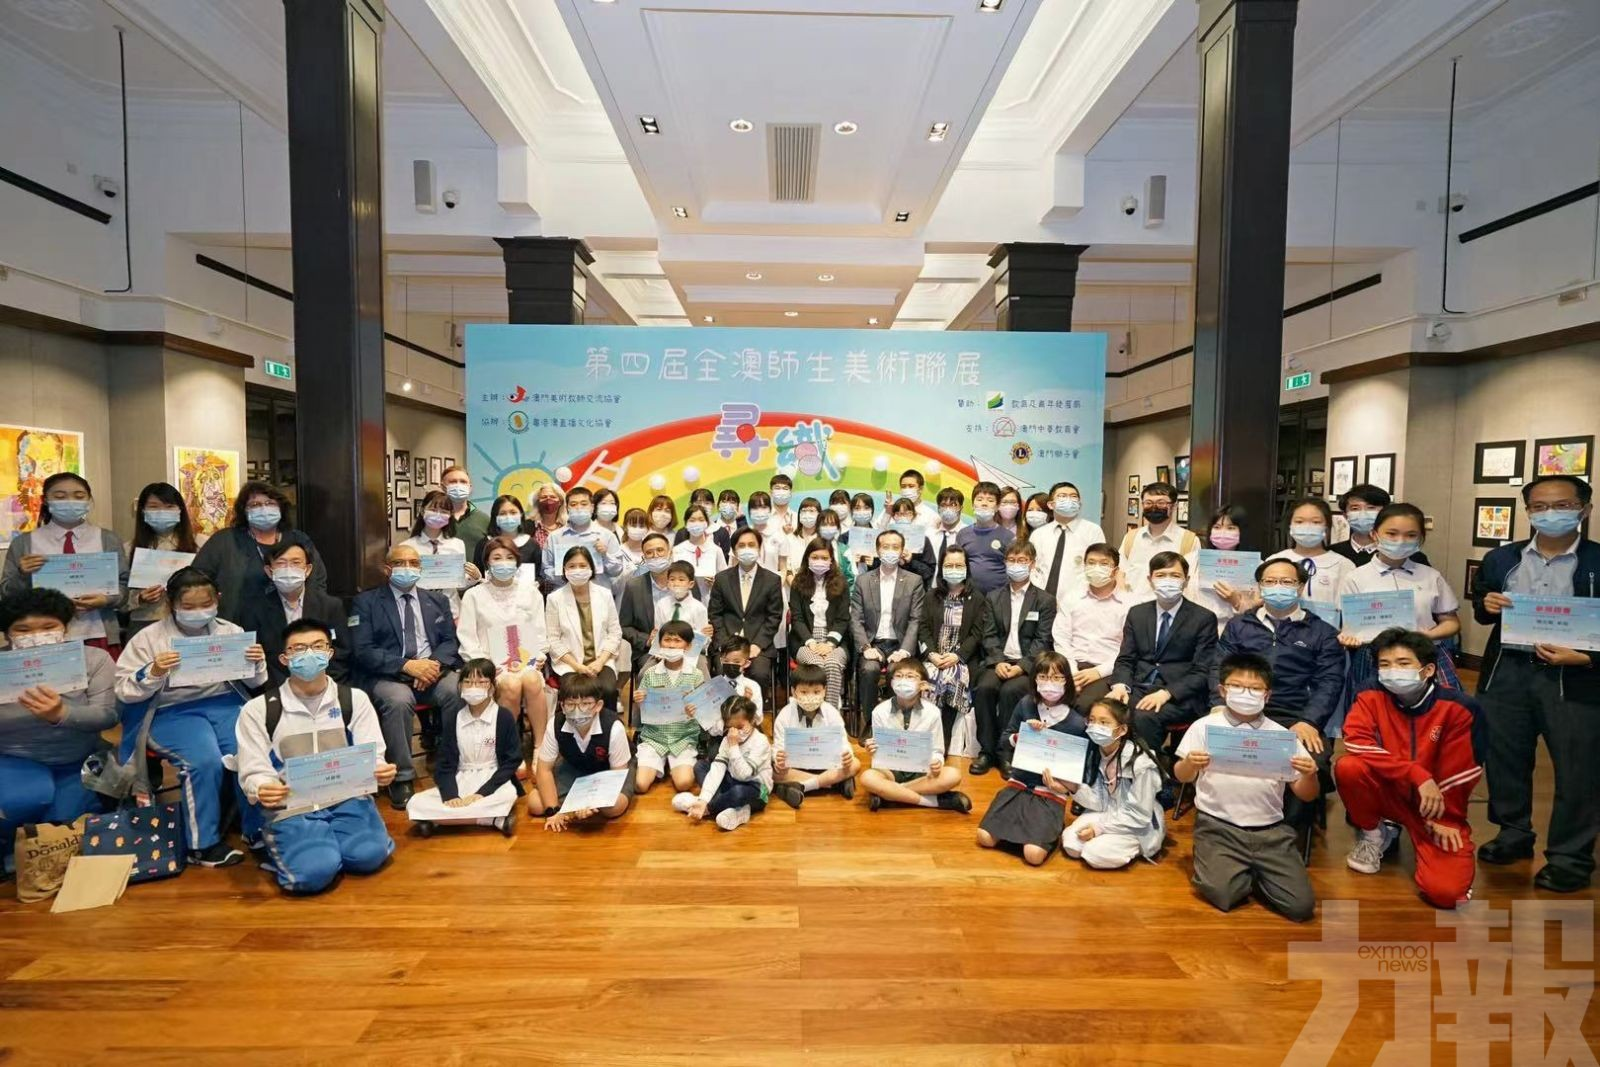 32間中小學校參展 展出300幅作品